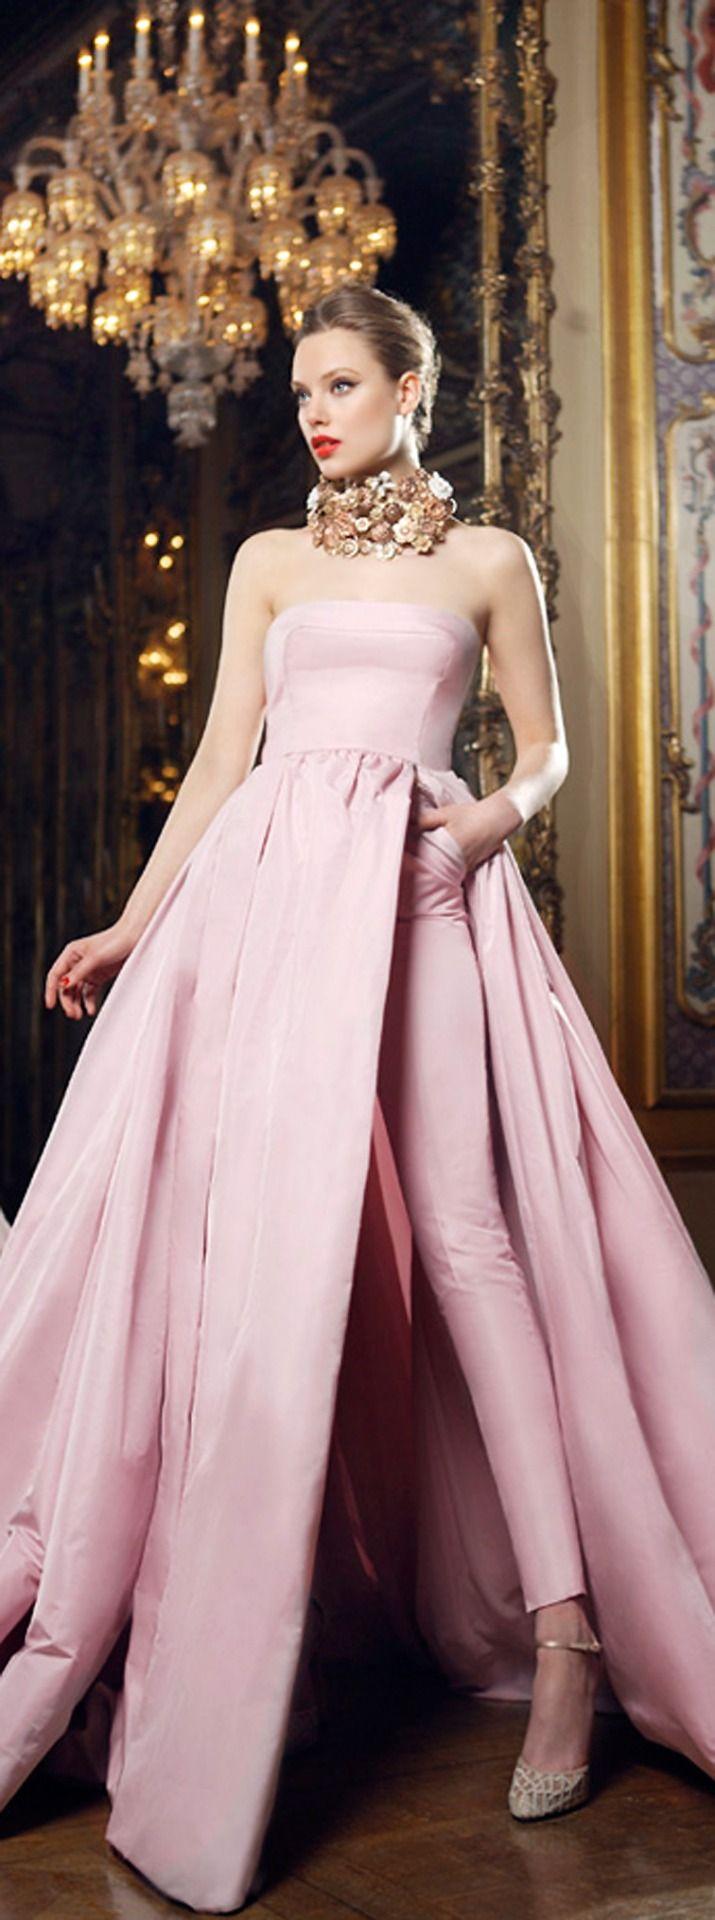 Mario Sierra ~ Evening Gown, Blush Pink, 2015